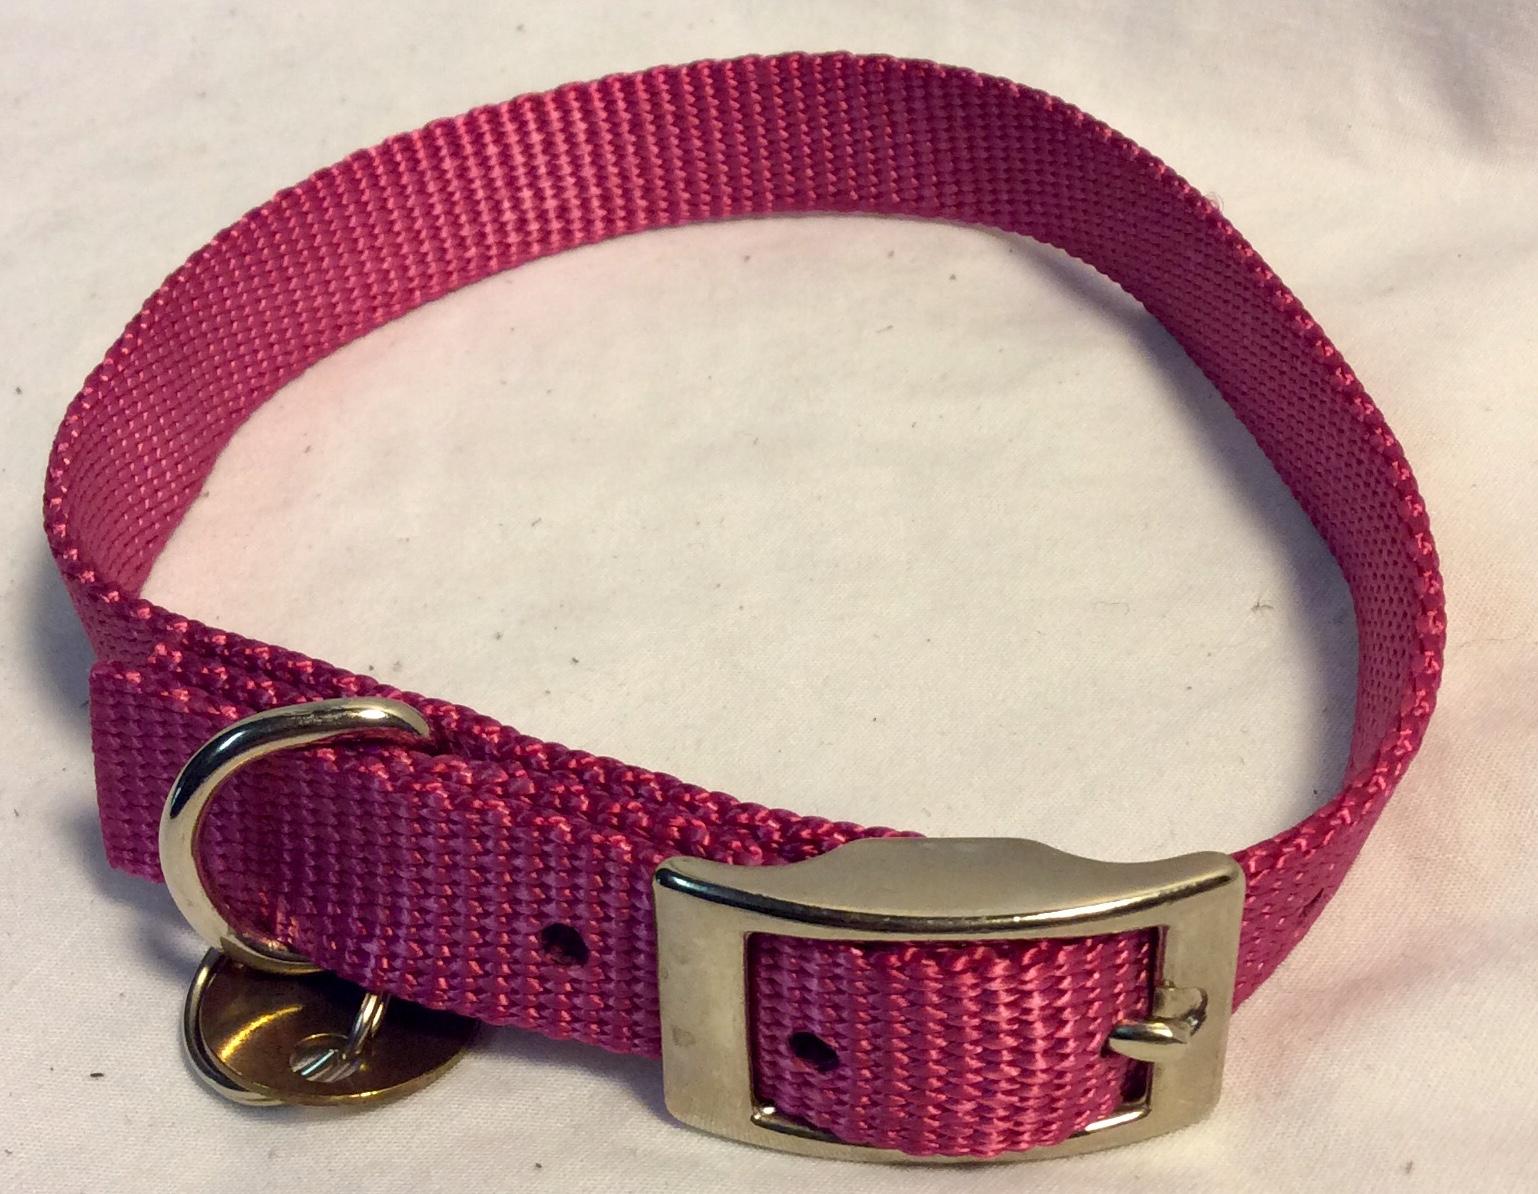 Dark pink nylon dog collar